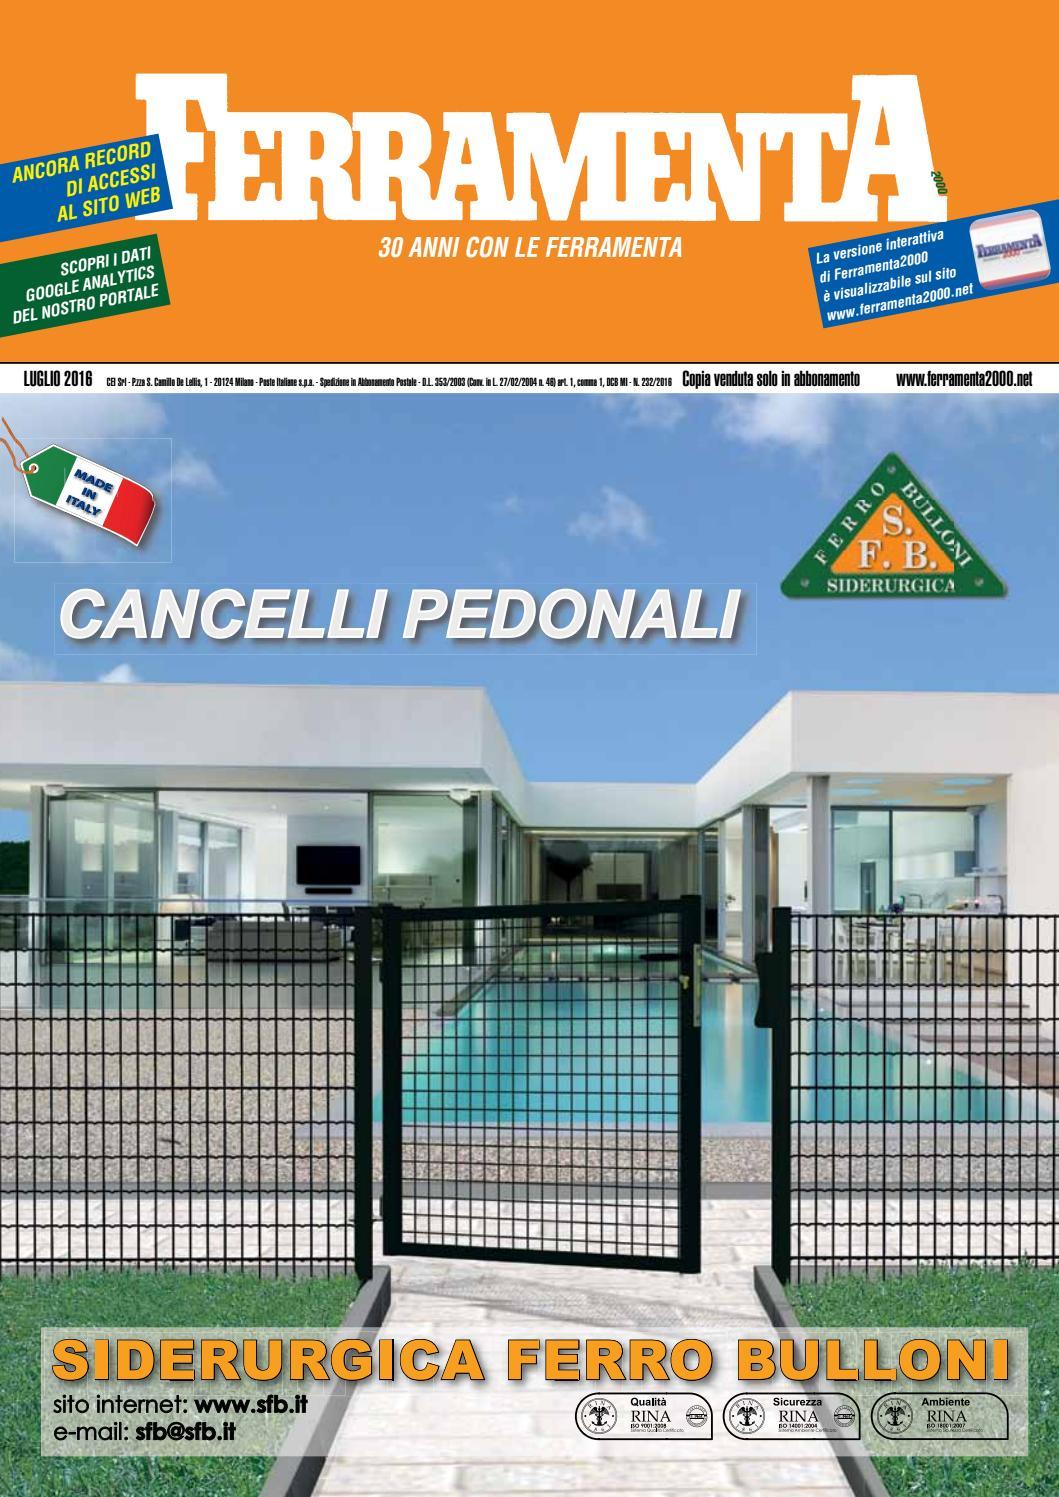 Ferramenta2000 Luglio 2016 By E T Edizioni Tecniche Srl Issuu